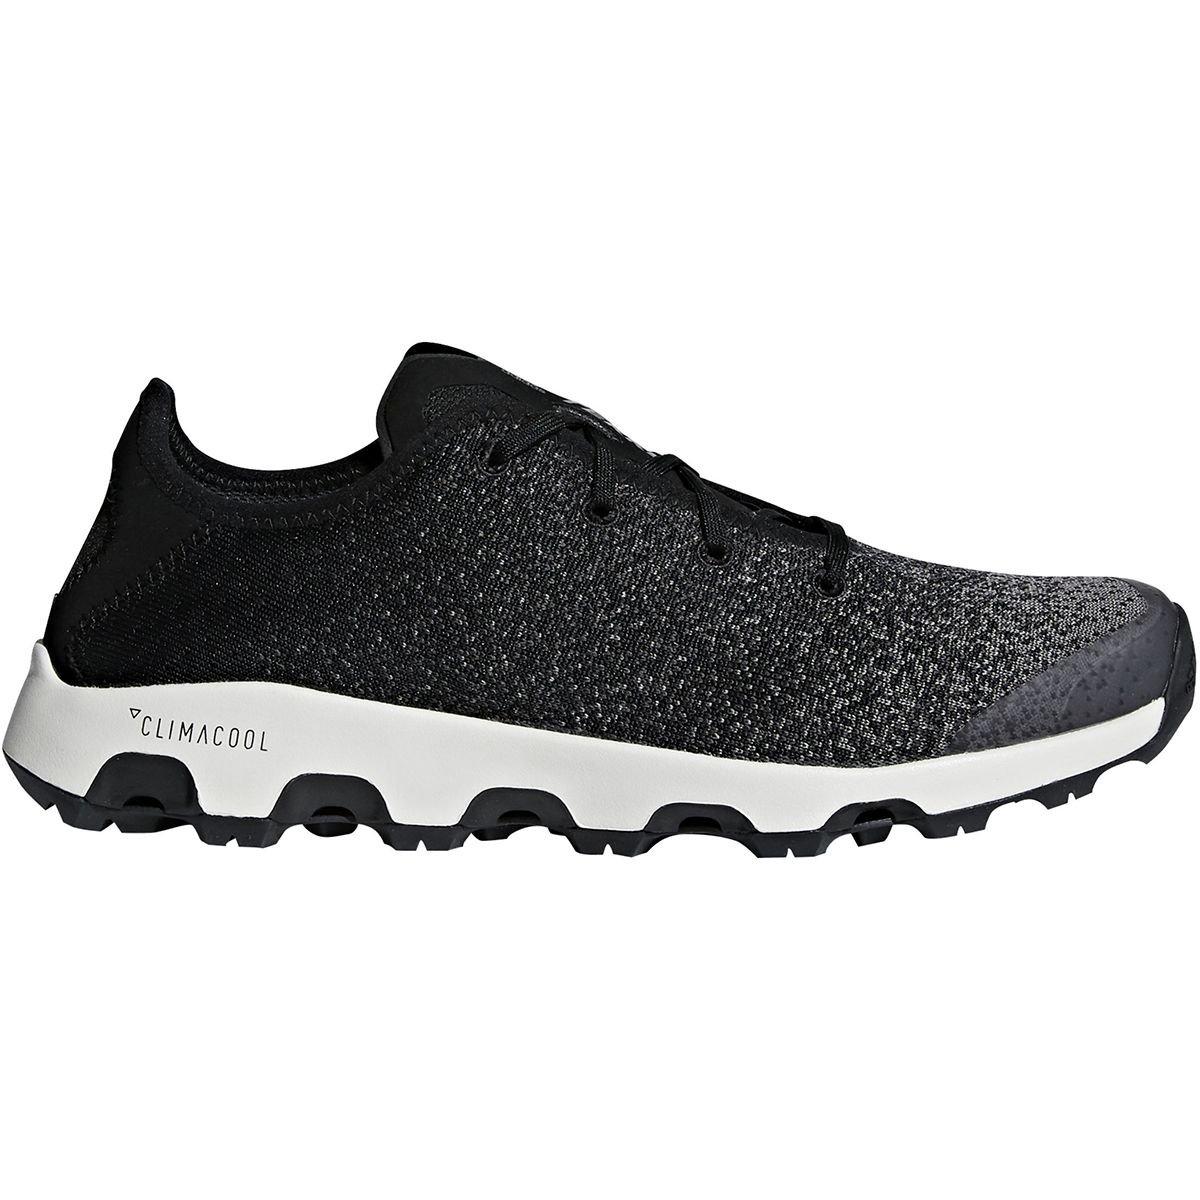 [アディダス] Outdoor Terrex CC Voyager Parley Hiking Shoe メンズ ウォーターシューズ [並行輸入品]   B07H59N8DX